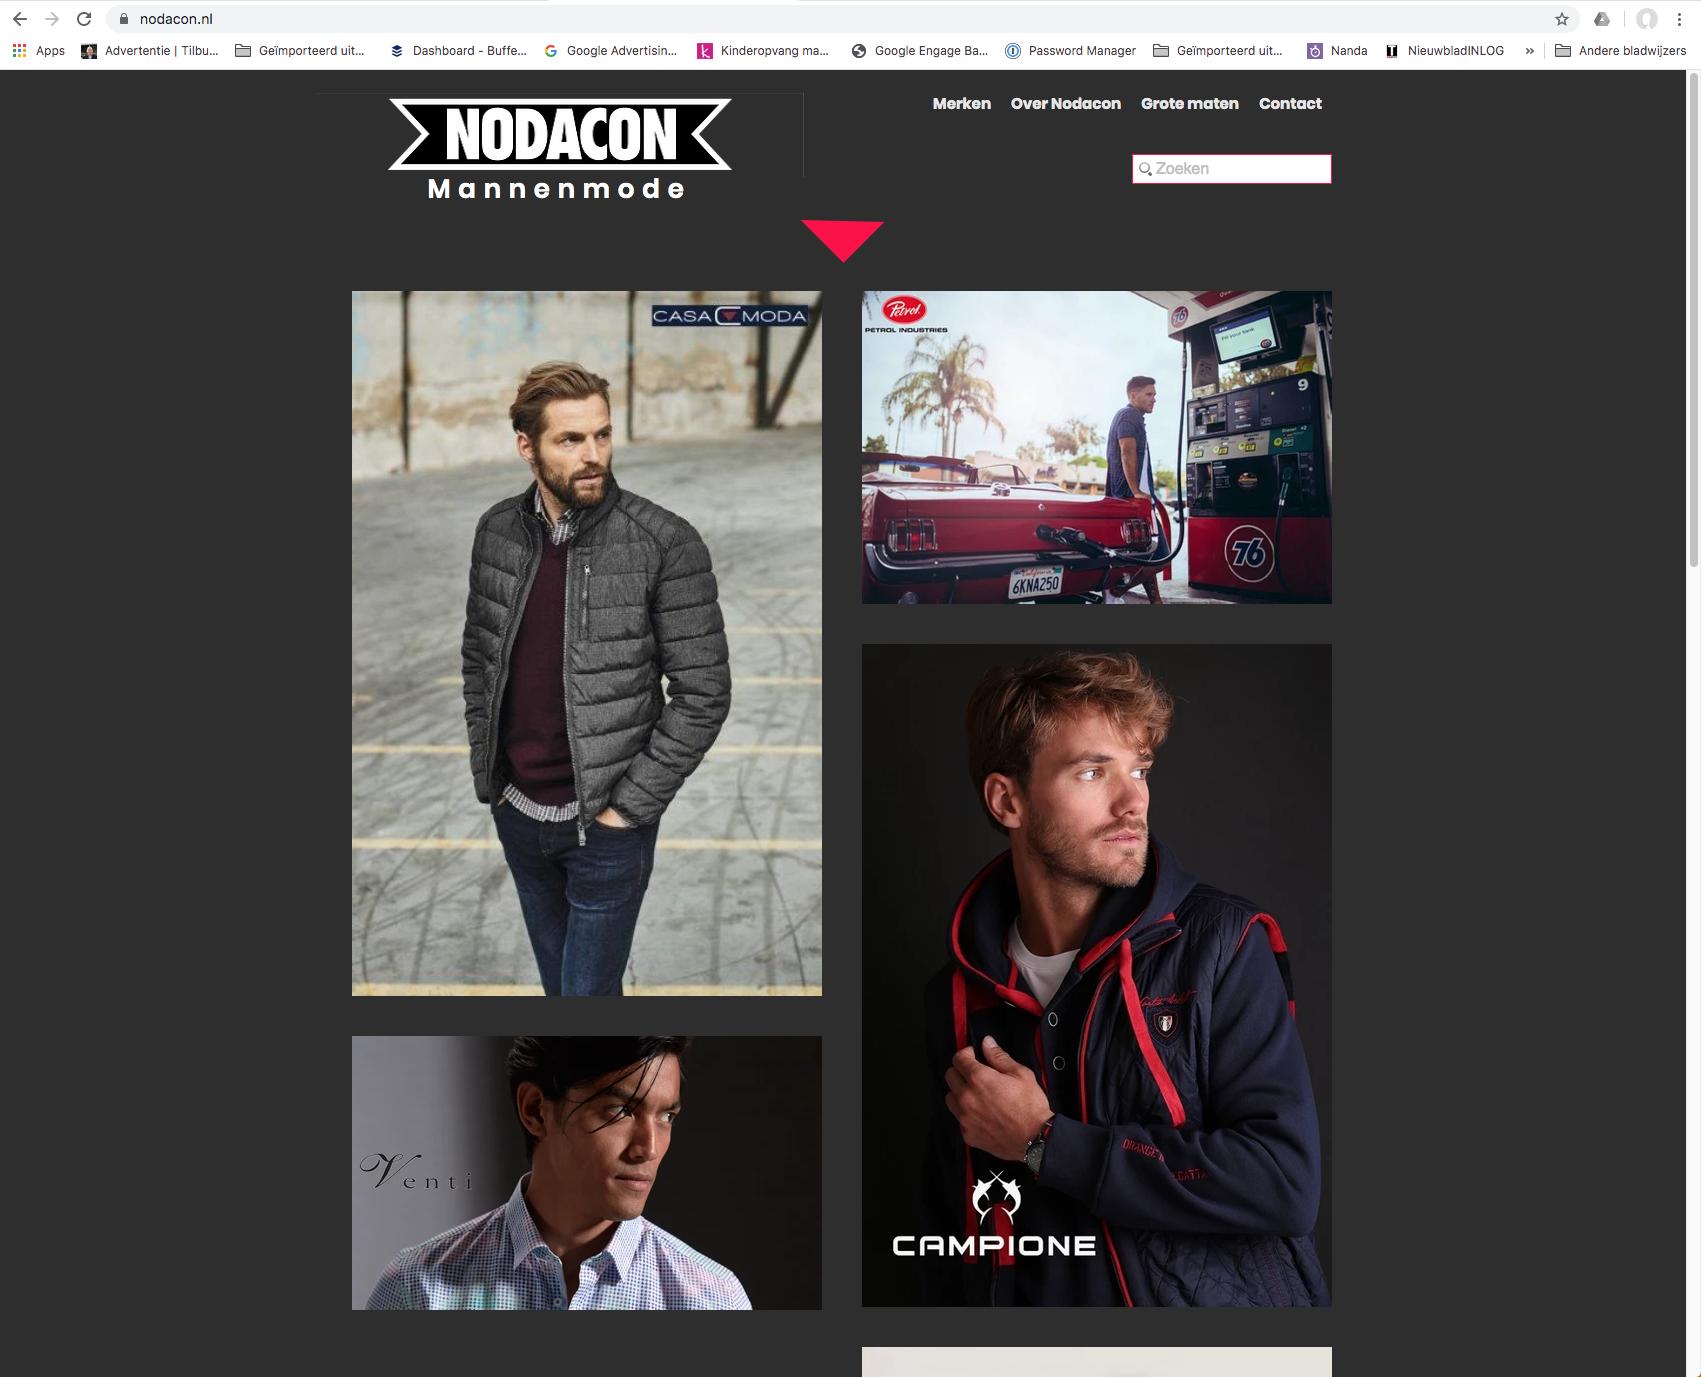 nodacon_desktop